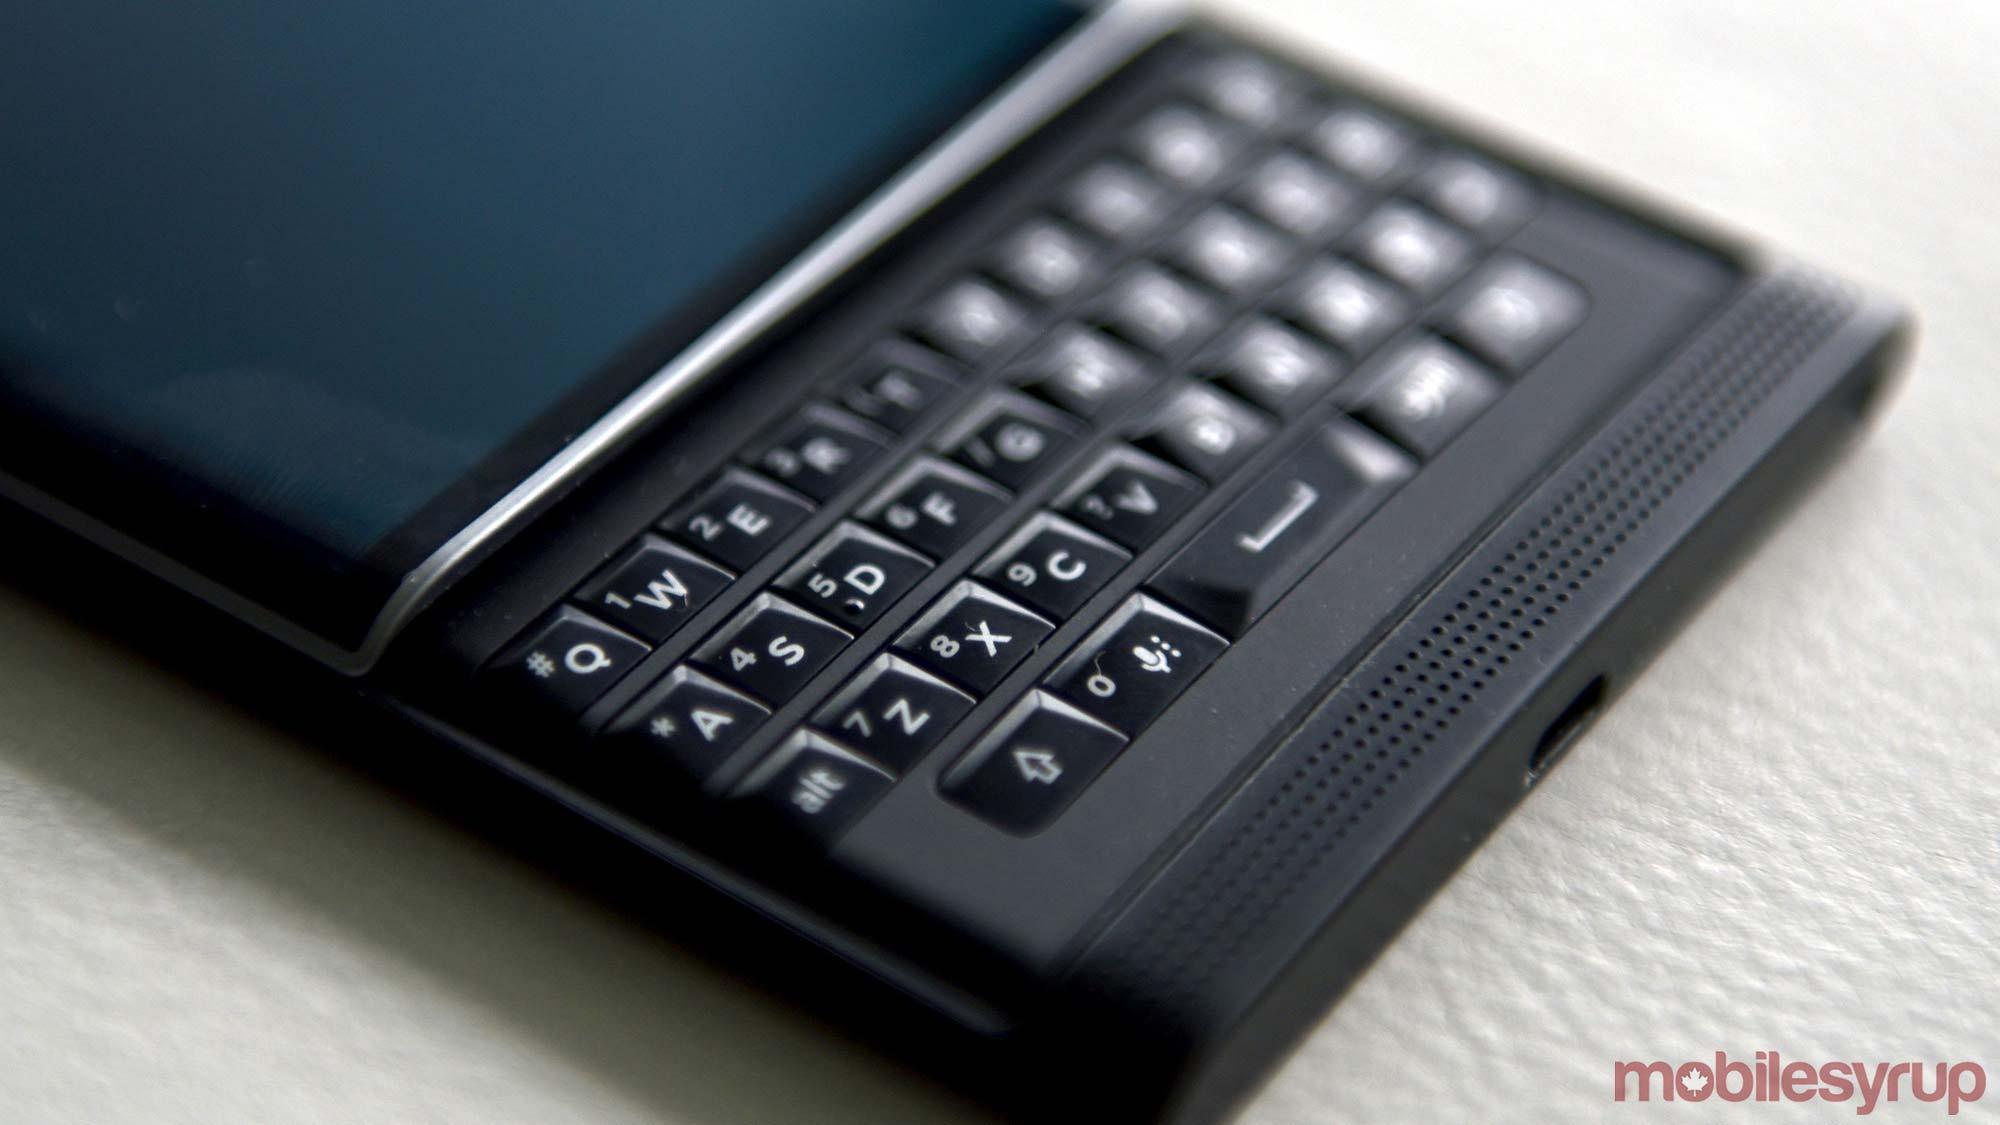 priv keyboard - blackberry priv sale